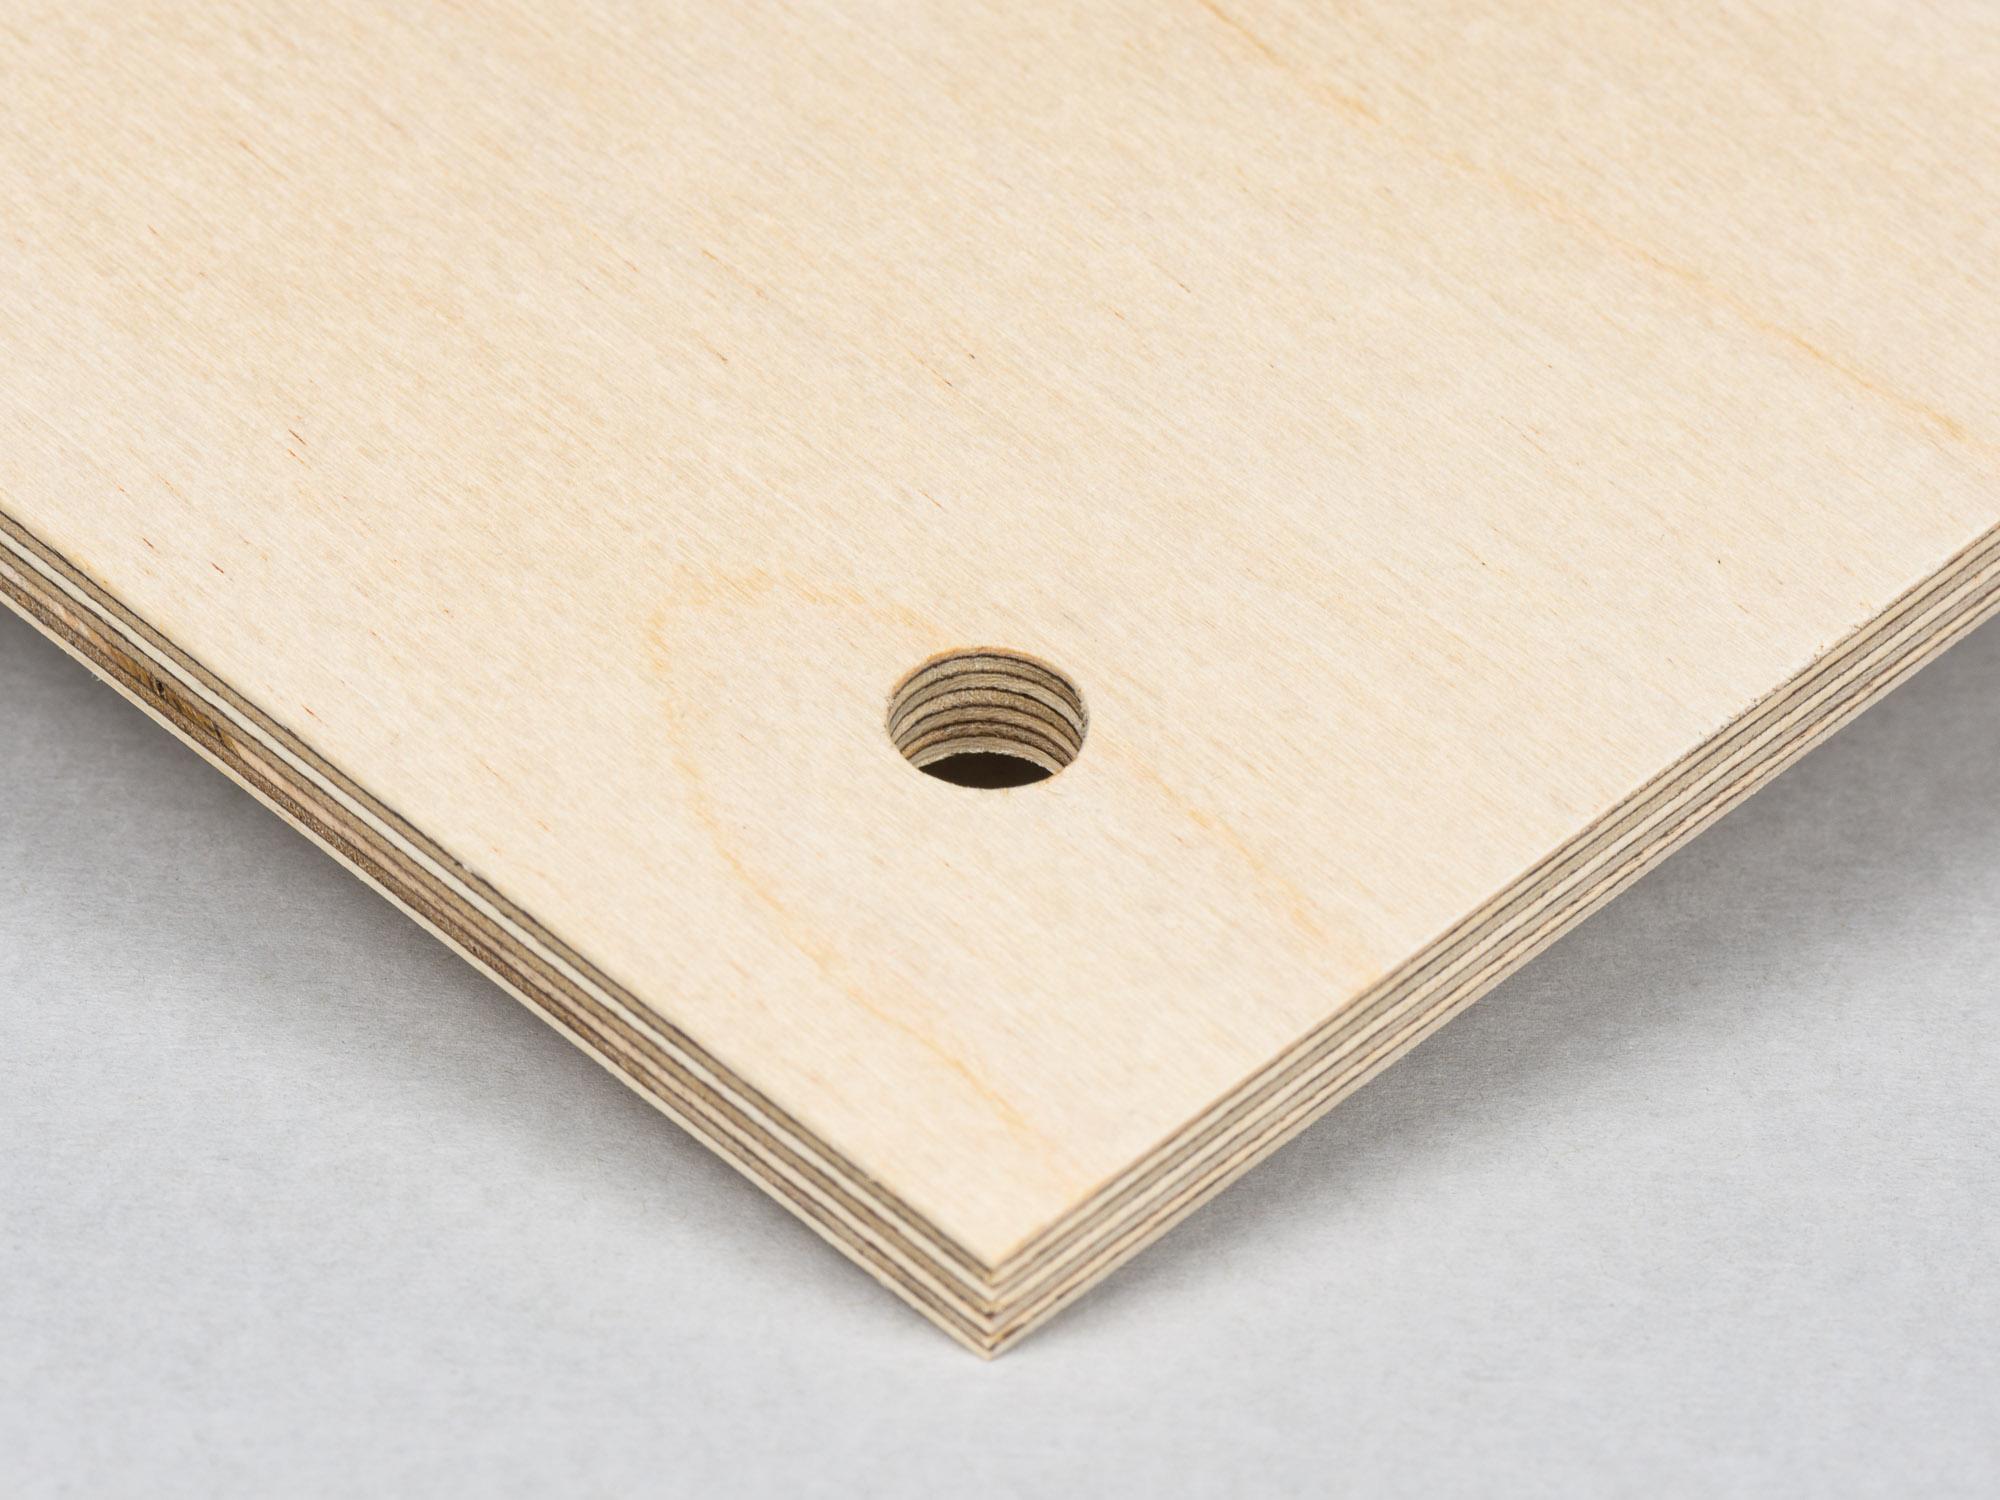 Plywood med hål utan upphängningsdistans